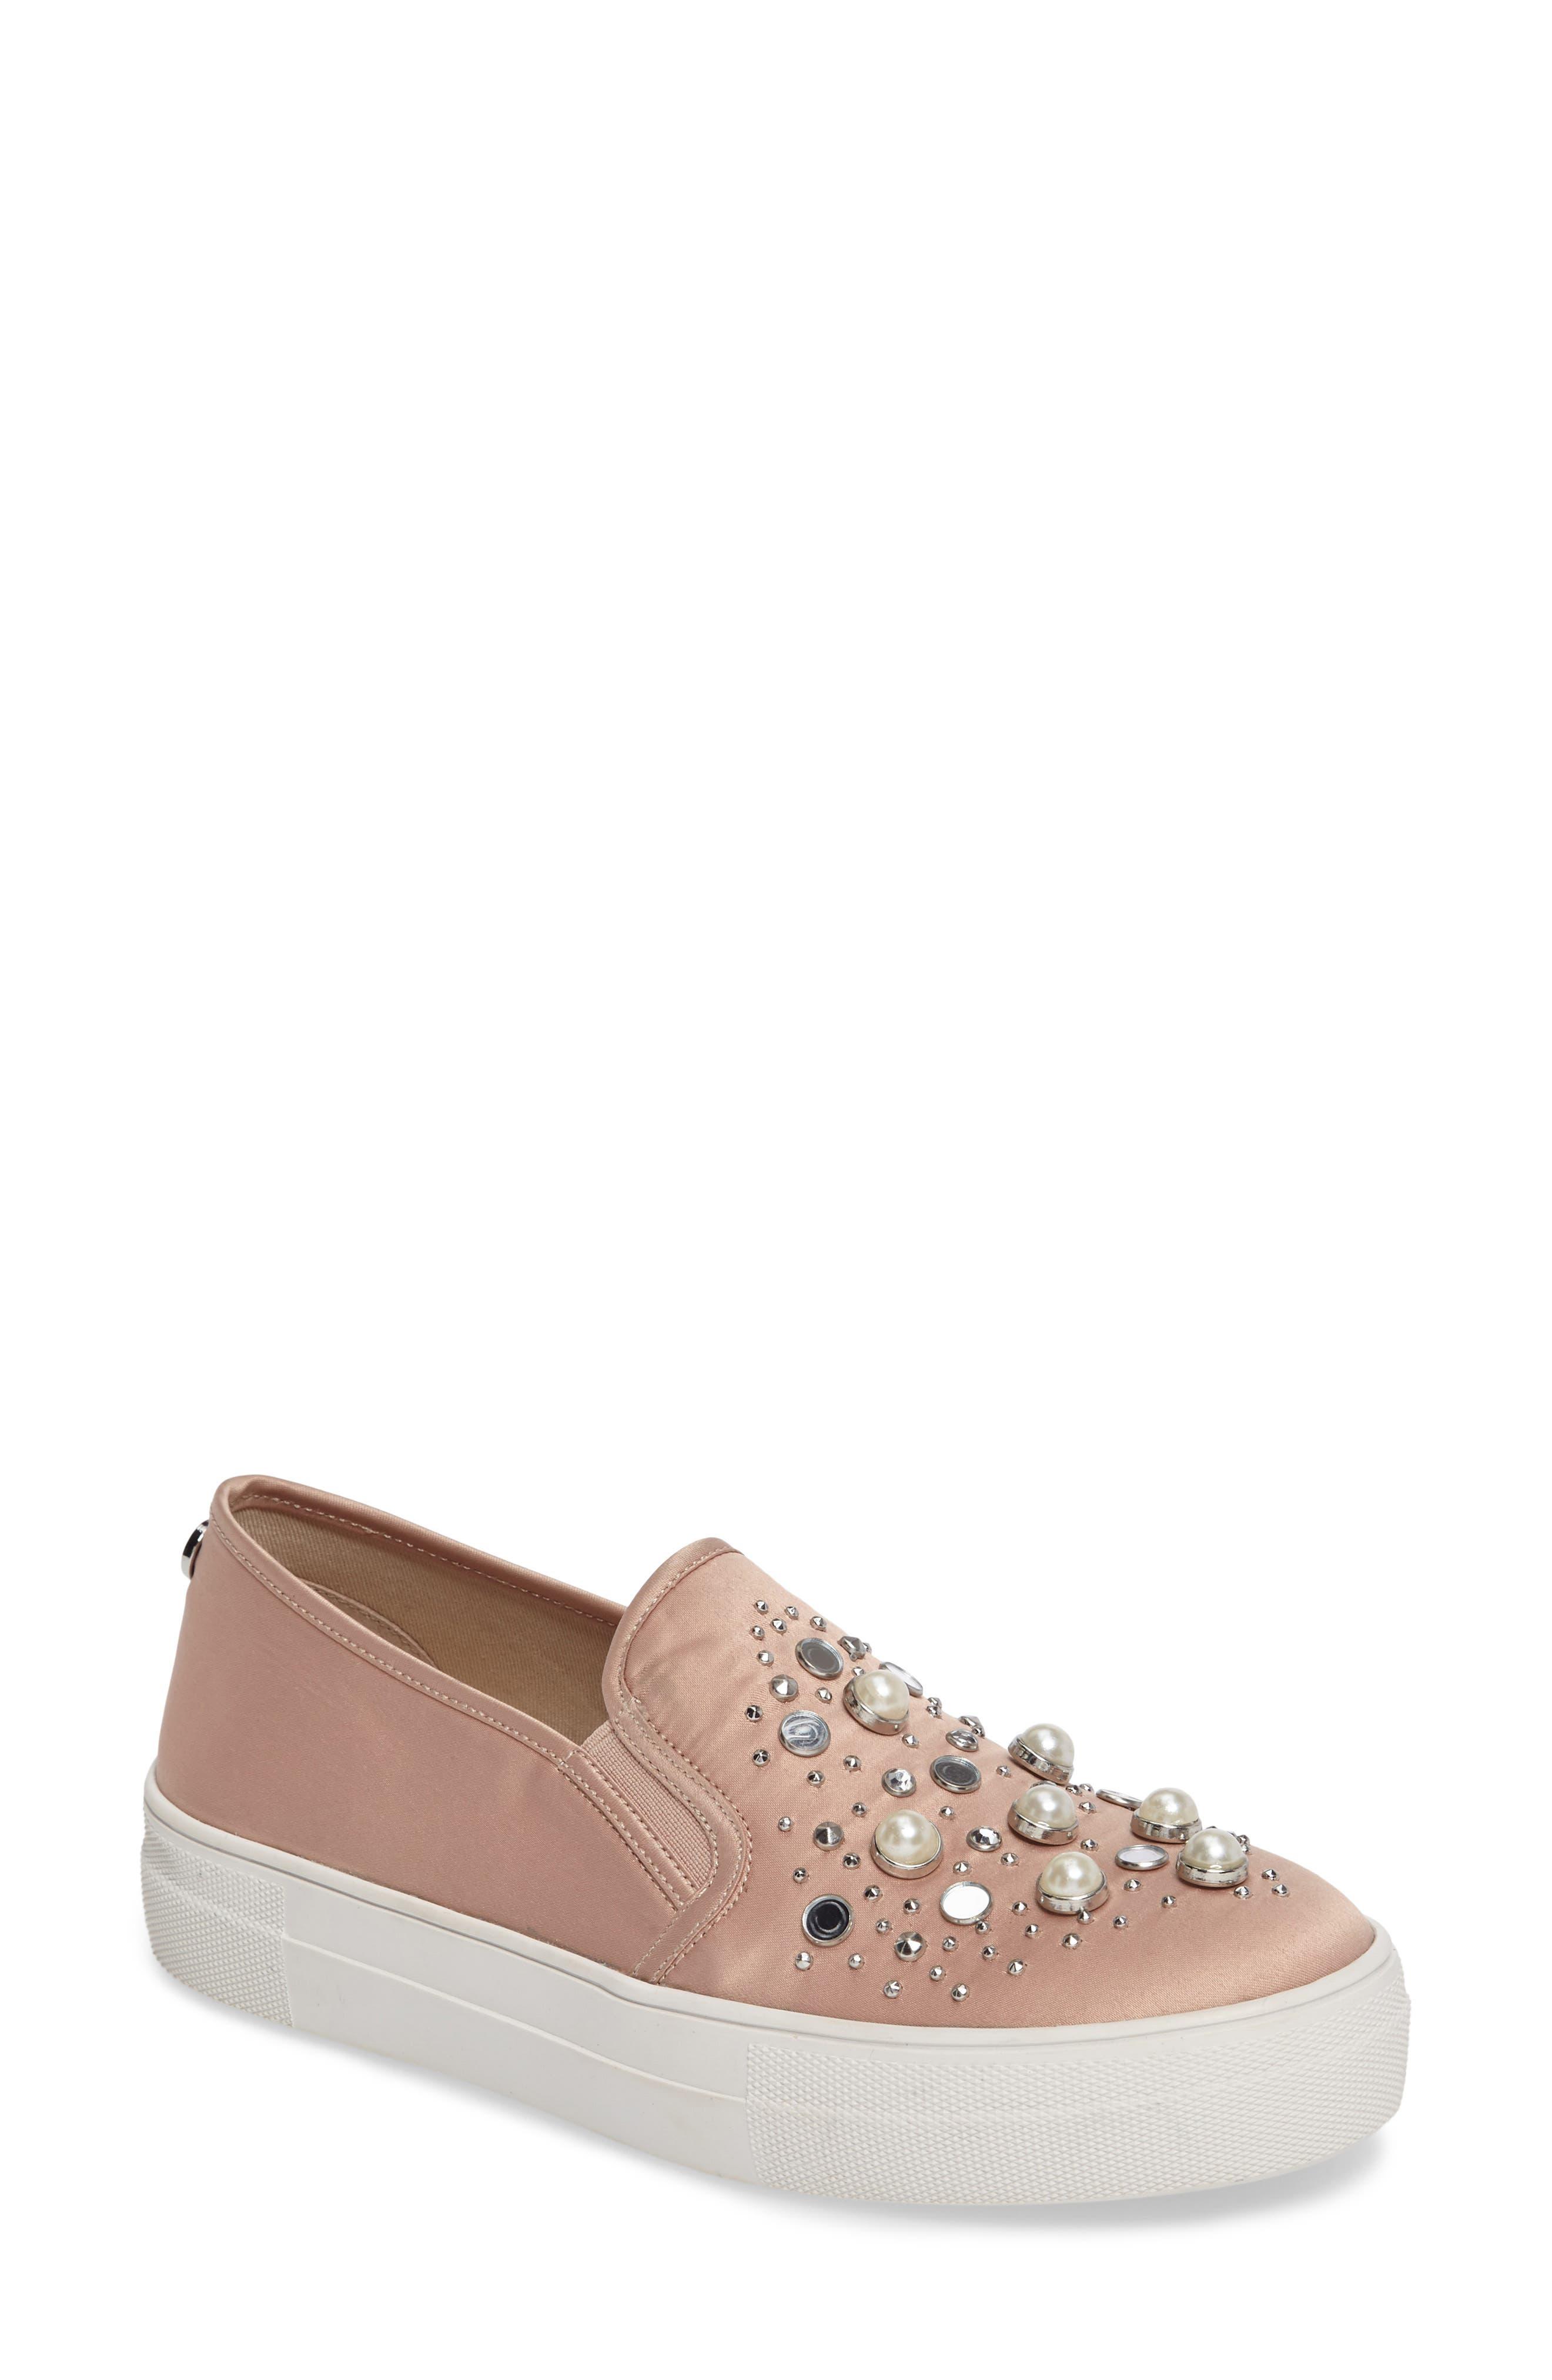 Steve Madden Glade Embellished Slip-On Sneaker (Women)